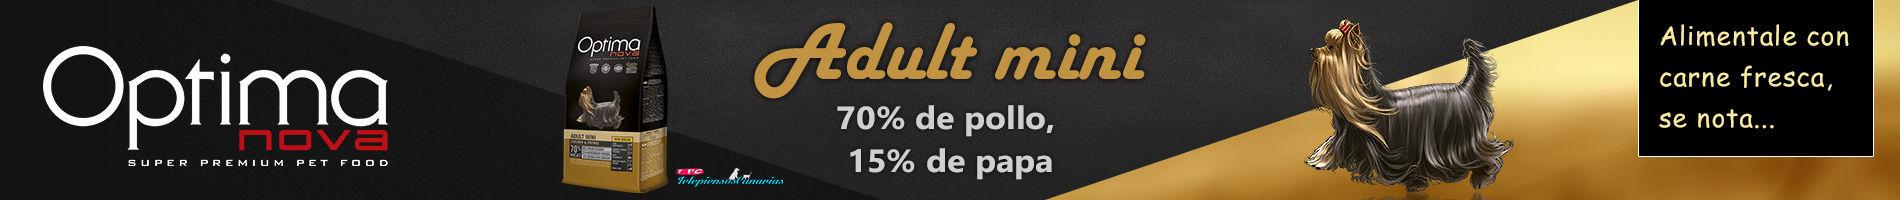 Optima Nova adult mini chicken potato, con 70% de pollo y 15% de papa